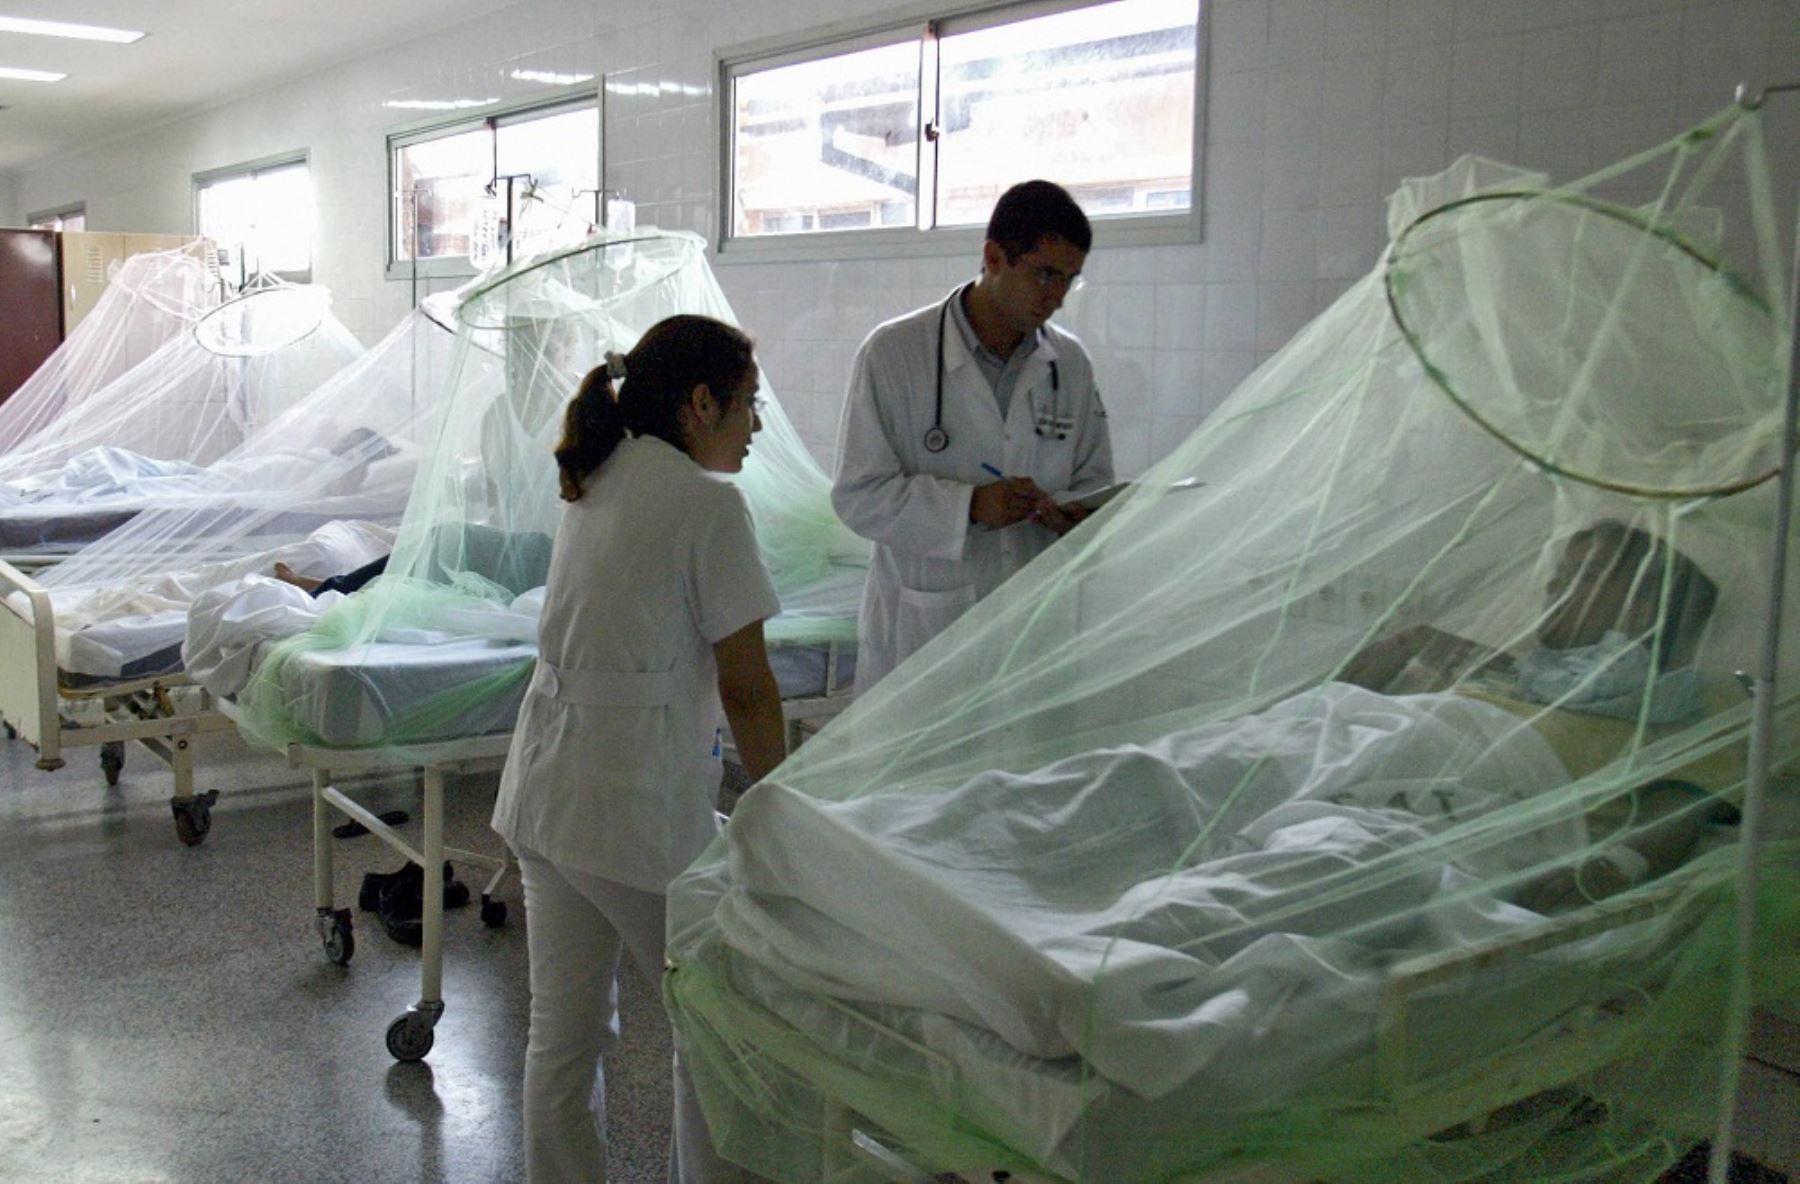 A 76 se elevó el número de casos de personas afectadas con el dengue en Lambayeque, por lo que la Gerencia Regional de Salud intensificó las intervenciones domiciliarias para controlar las larvas del Aedes aegypti, zancudo transmisor de dicha enfermedad, además del zika y chikungunya en esta zona del país. ANDINA/Difusión